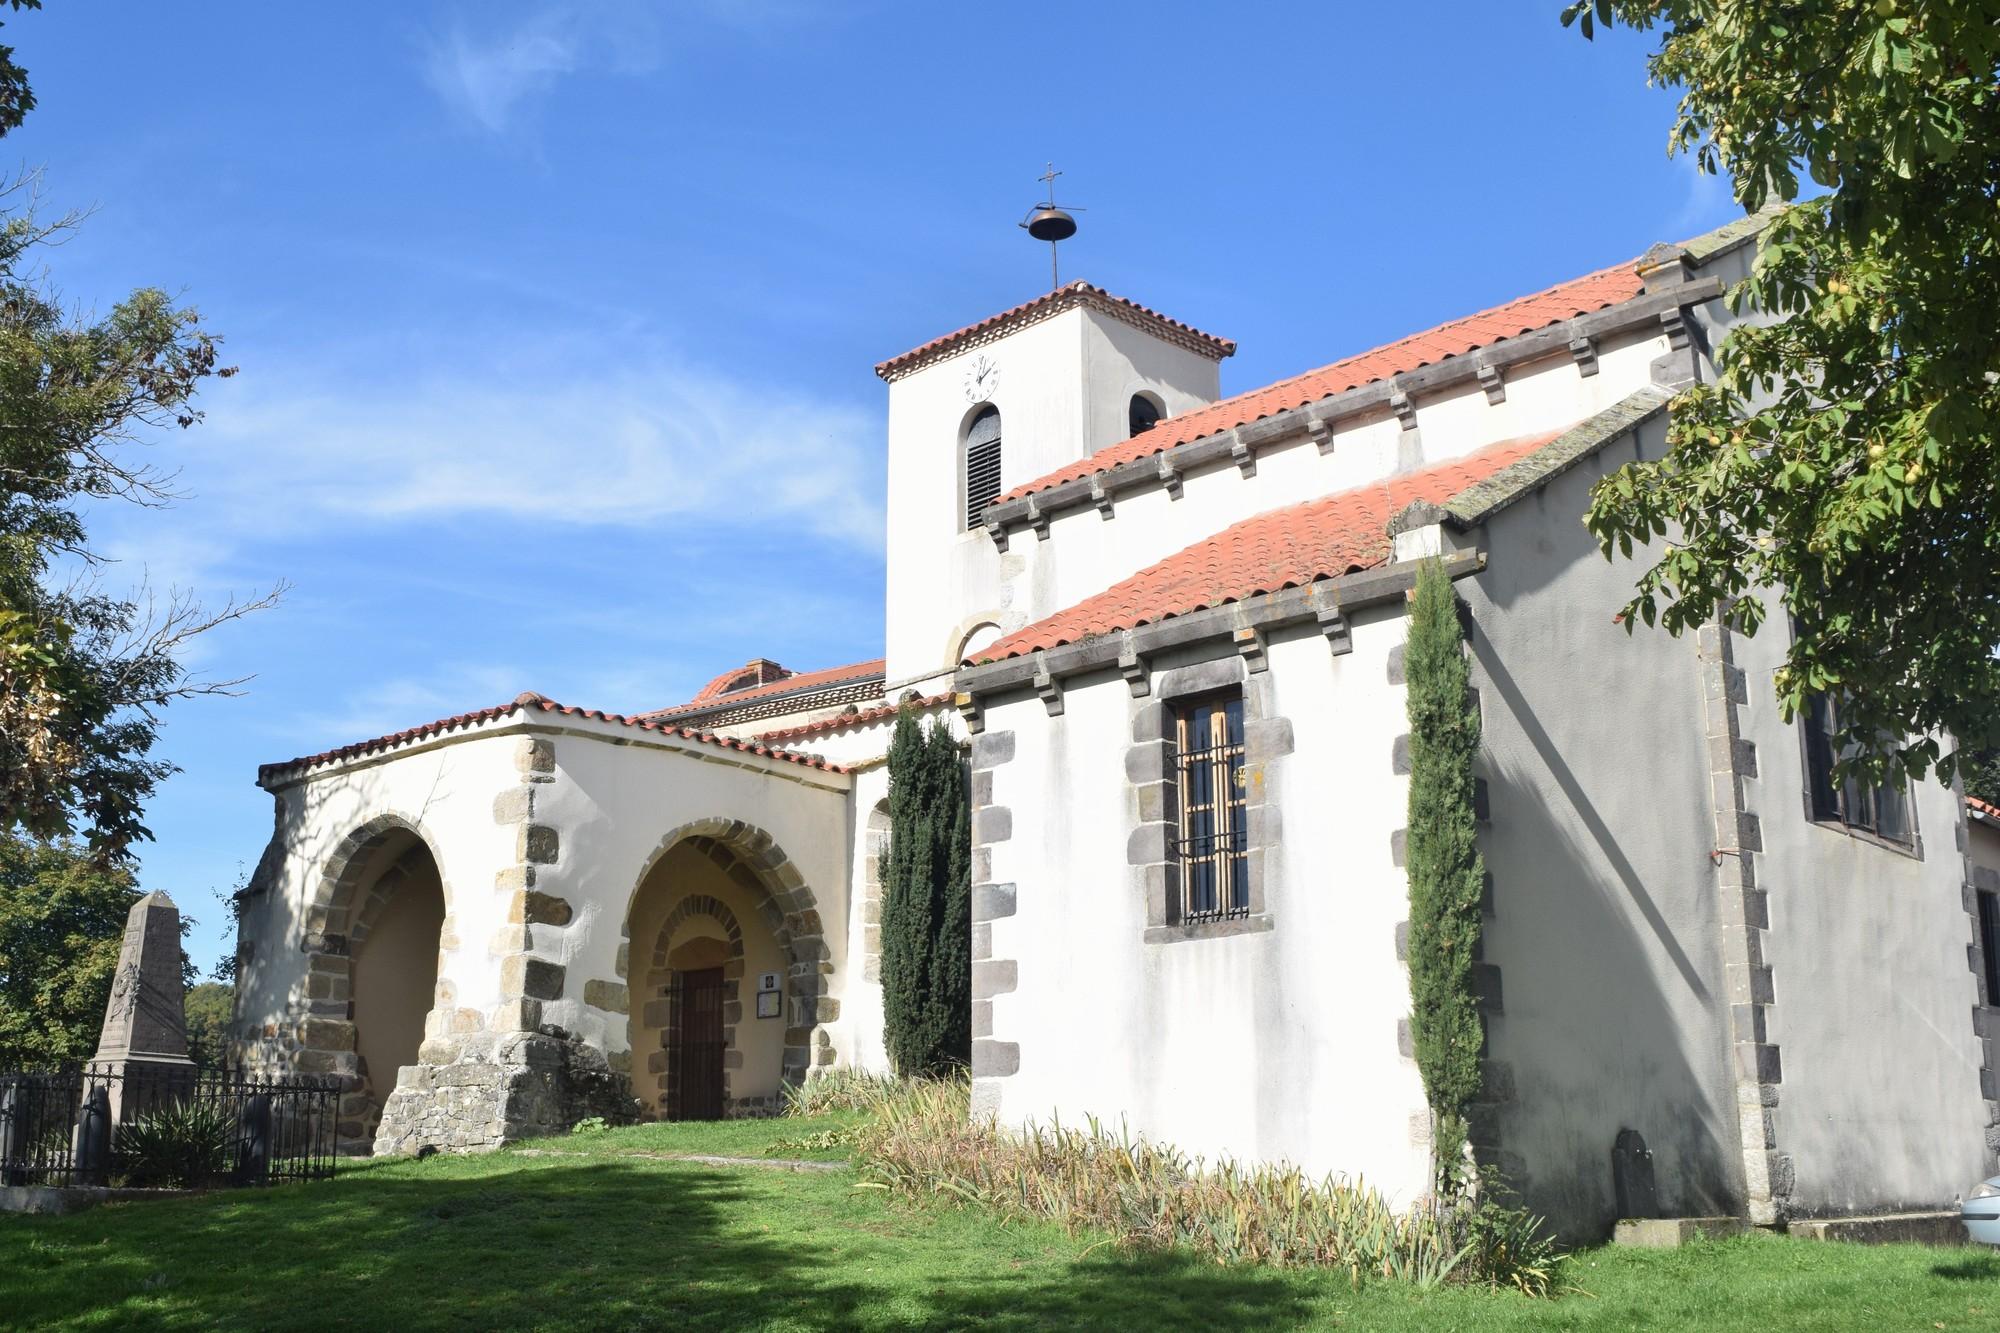 Eglise Saint-Julien, La chapelle-sur-Usson